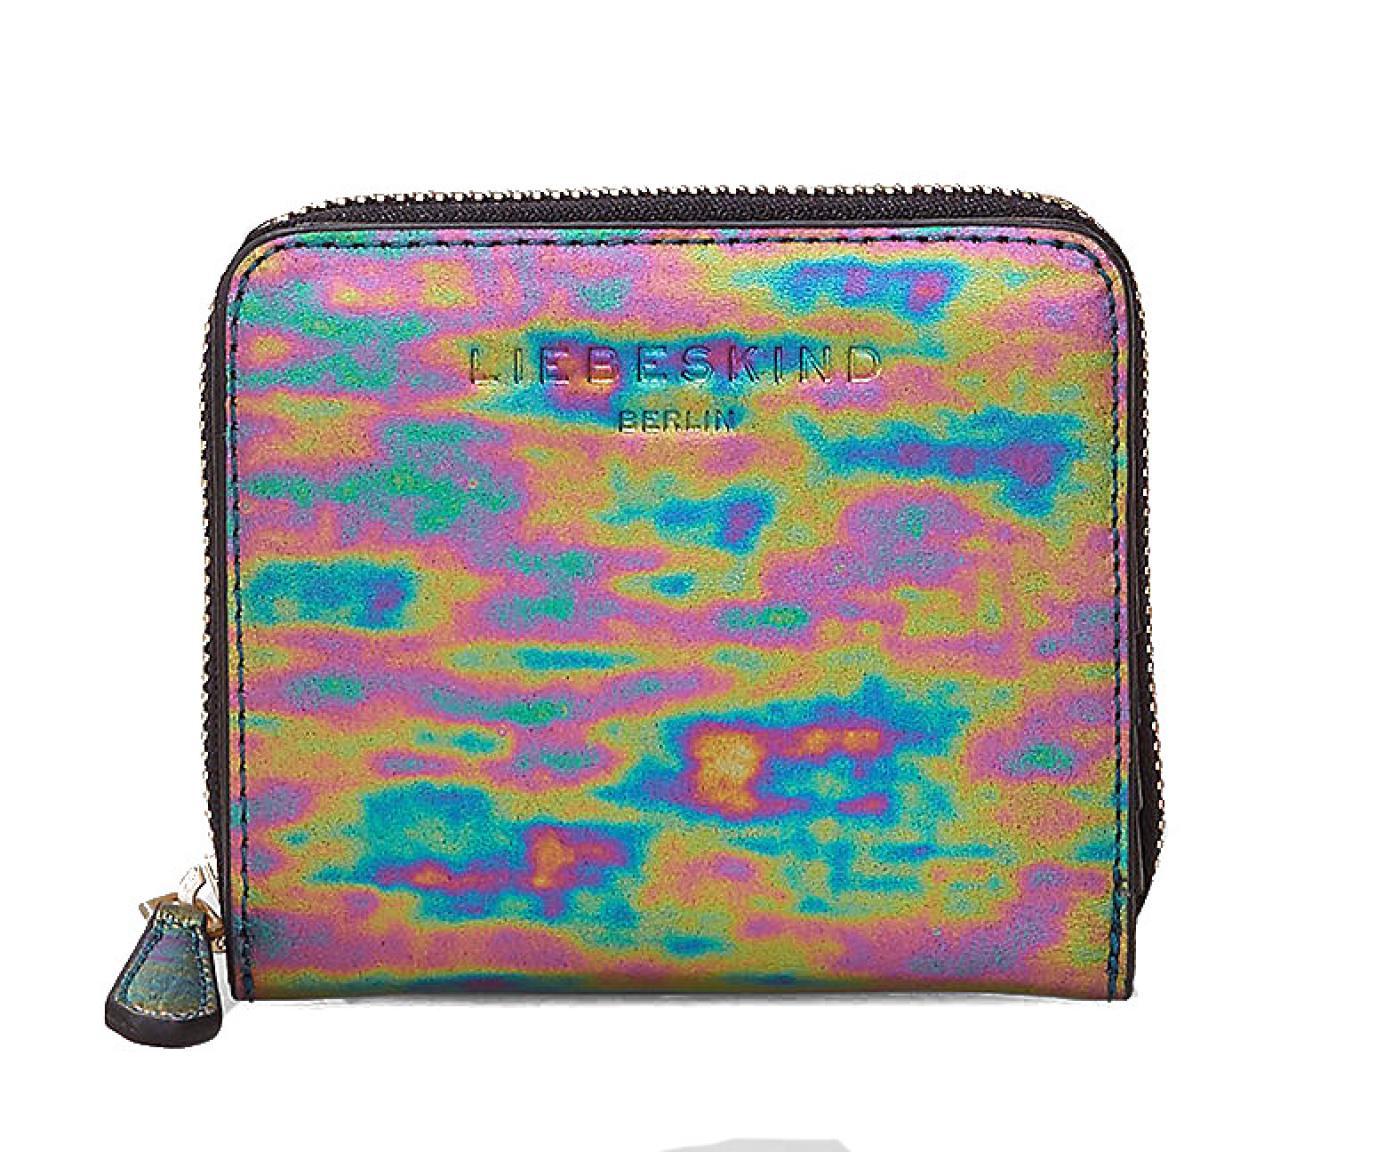 9c95d55403b7d Liebeskind Geldbörse SabiaW7 Multicolored Oil Slick Bunt - Bags   more